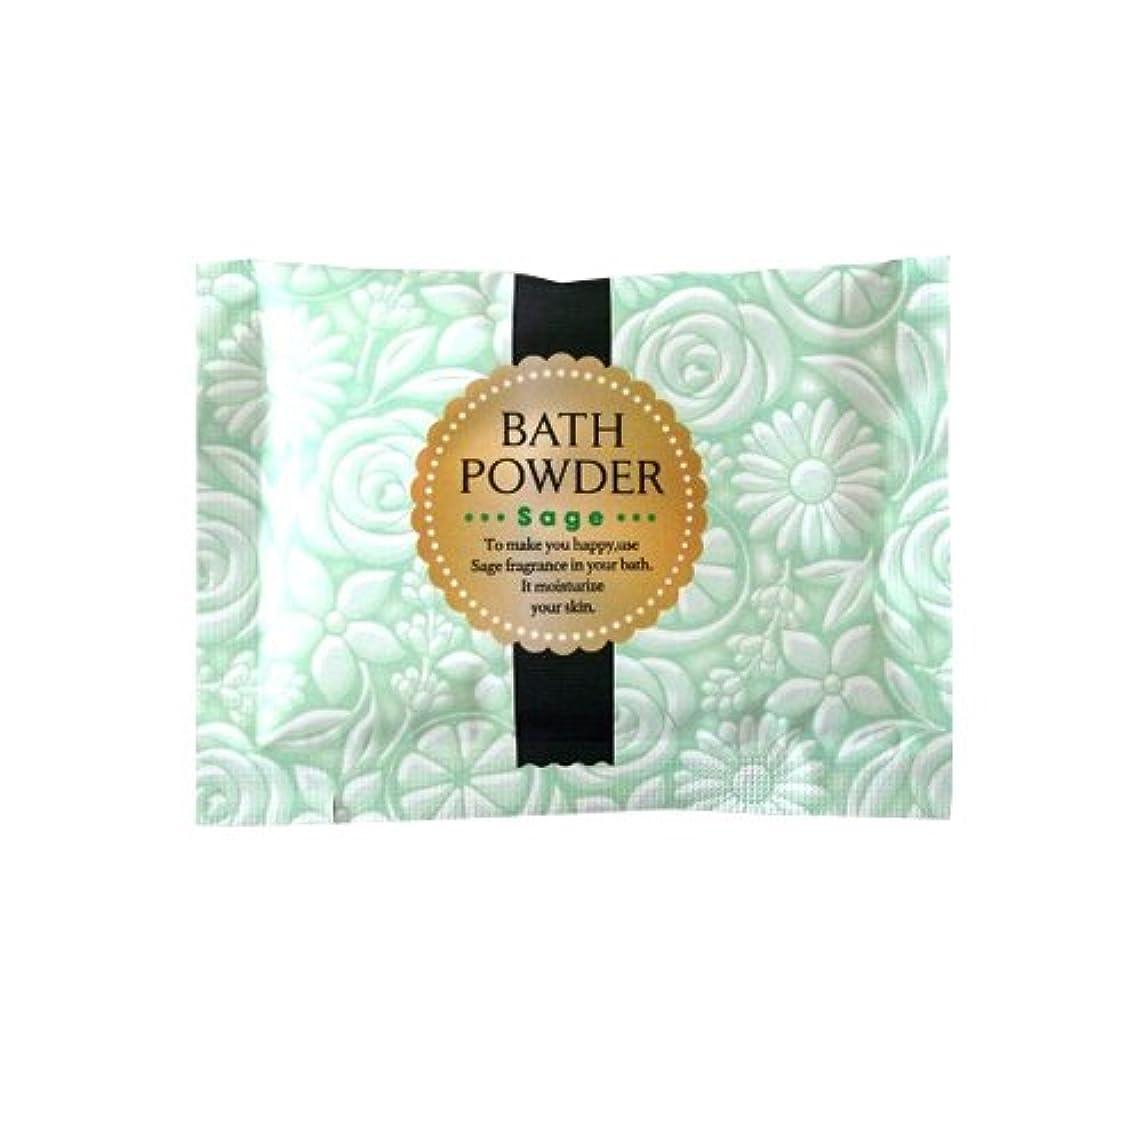 難しい多くの危険がある状況ファンネルウェブスパイダー入浴剤 LUCKY BATH (ラッキーバス) 25g セージの香り